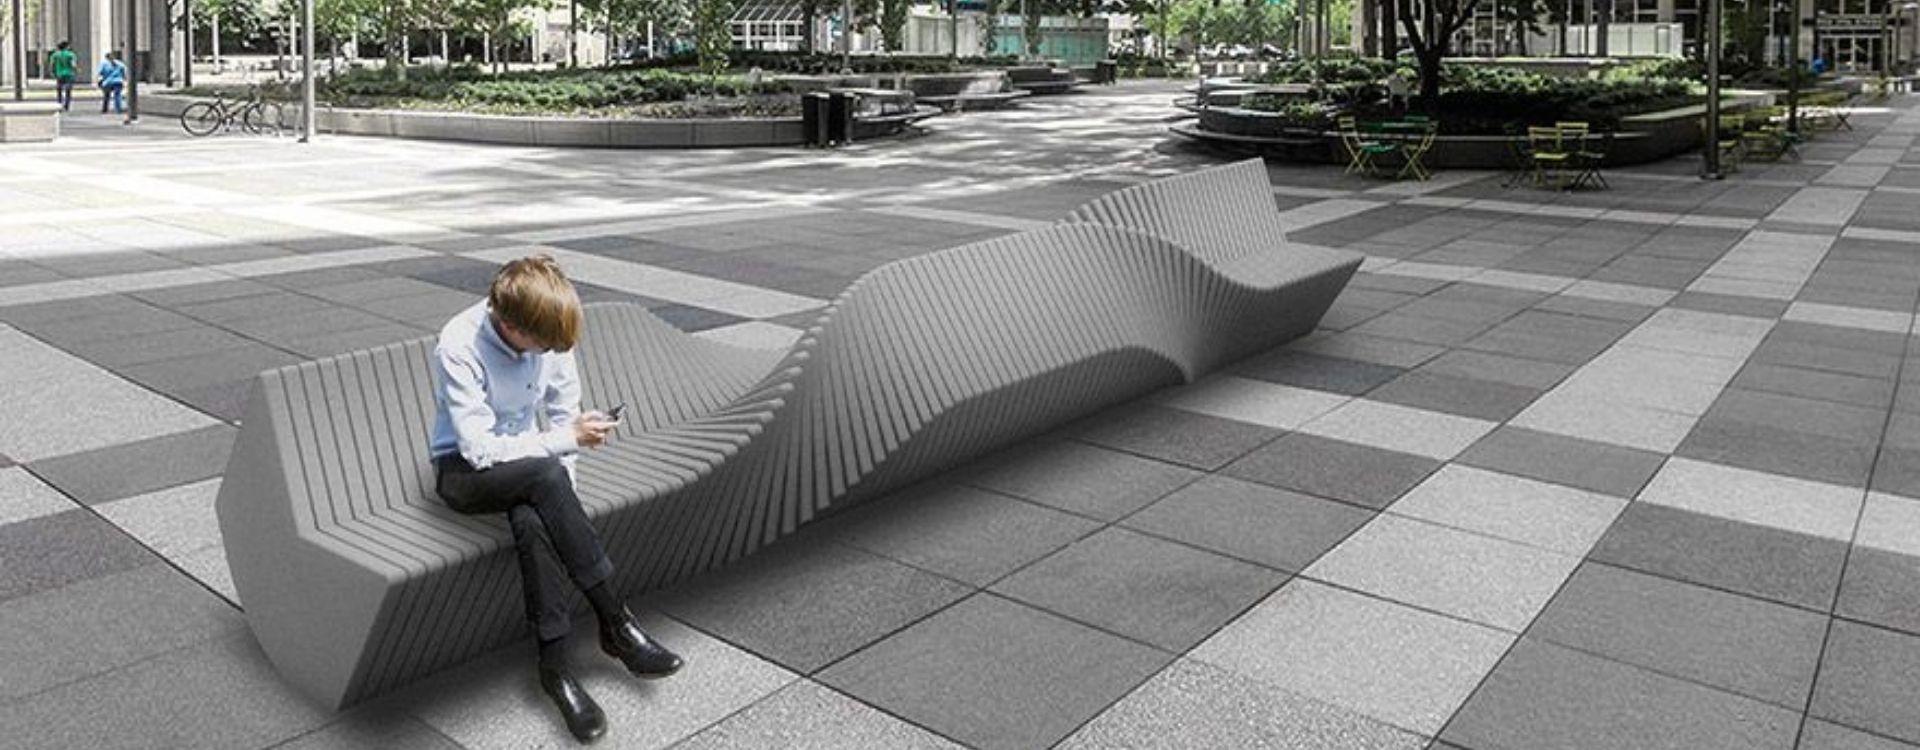 La importancia de cuidar el mobiliario urbano